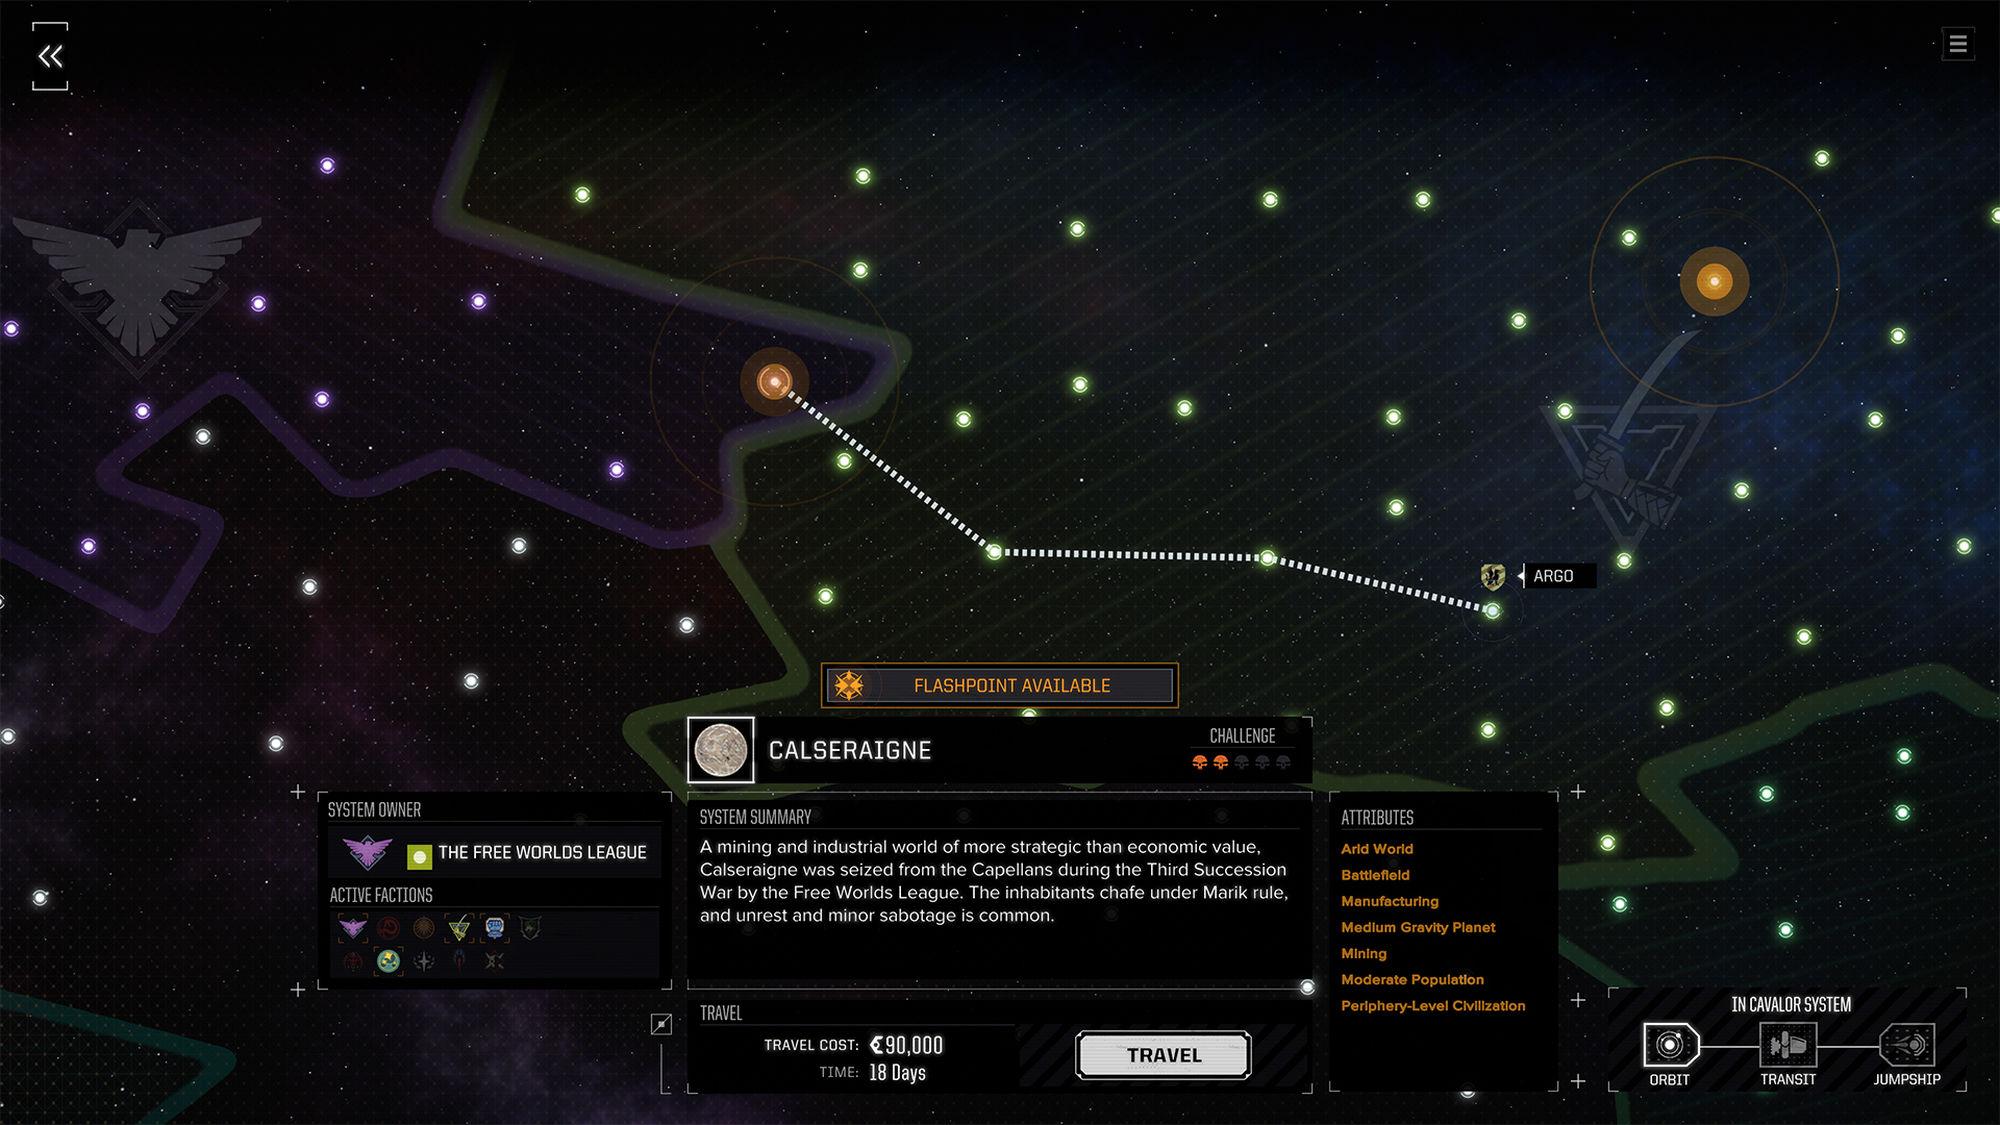 La carte stellaire avec une mission flashpoint